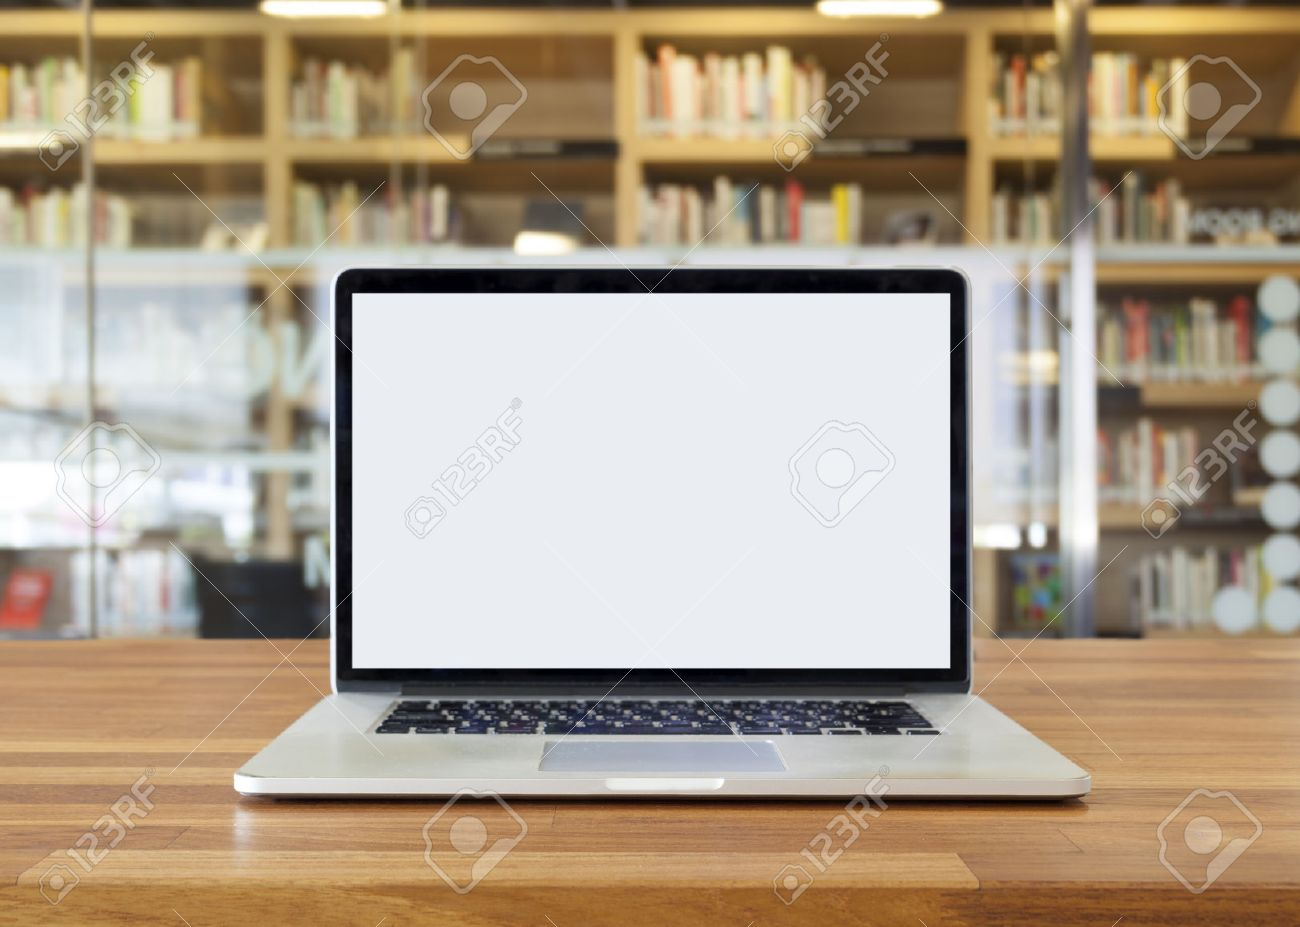 ordinateur portable sur la table sur etagere fond ecran blanc interieur bibliotheque